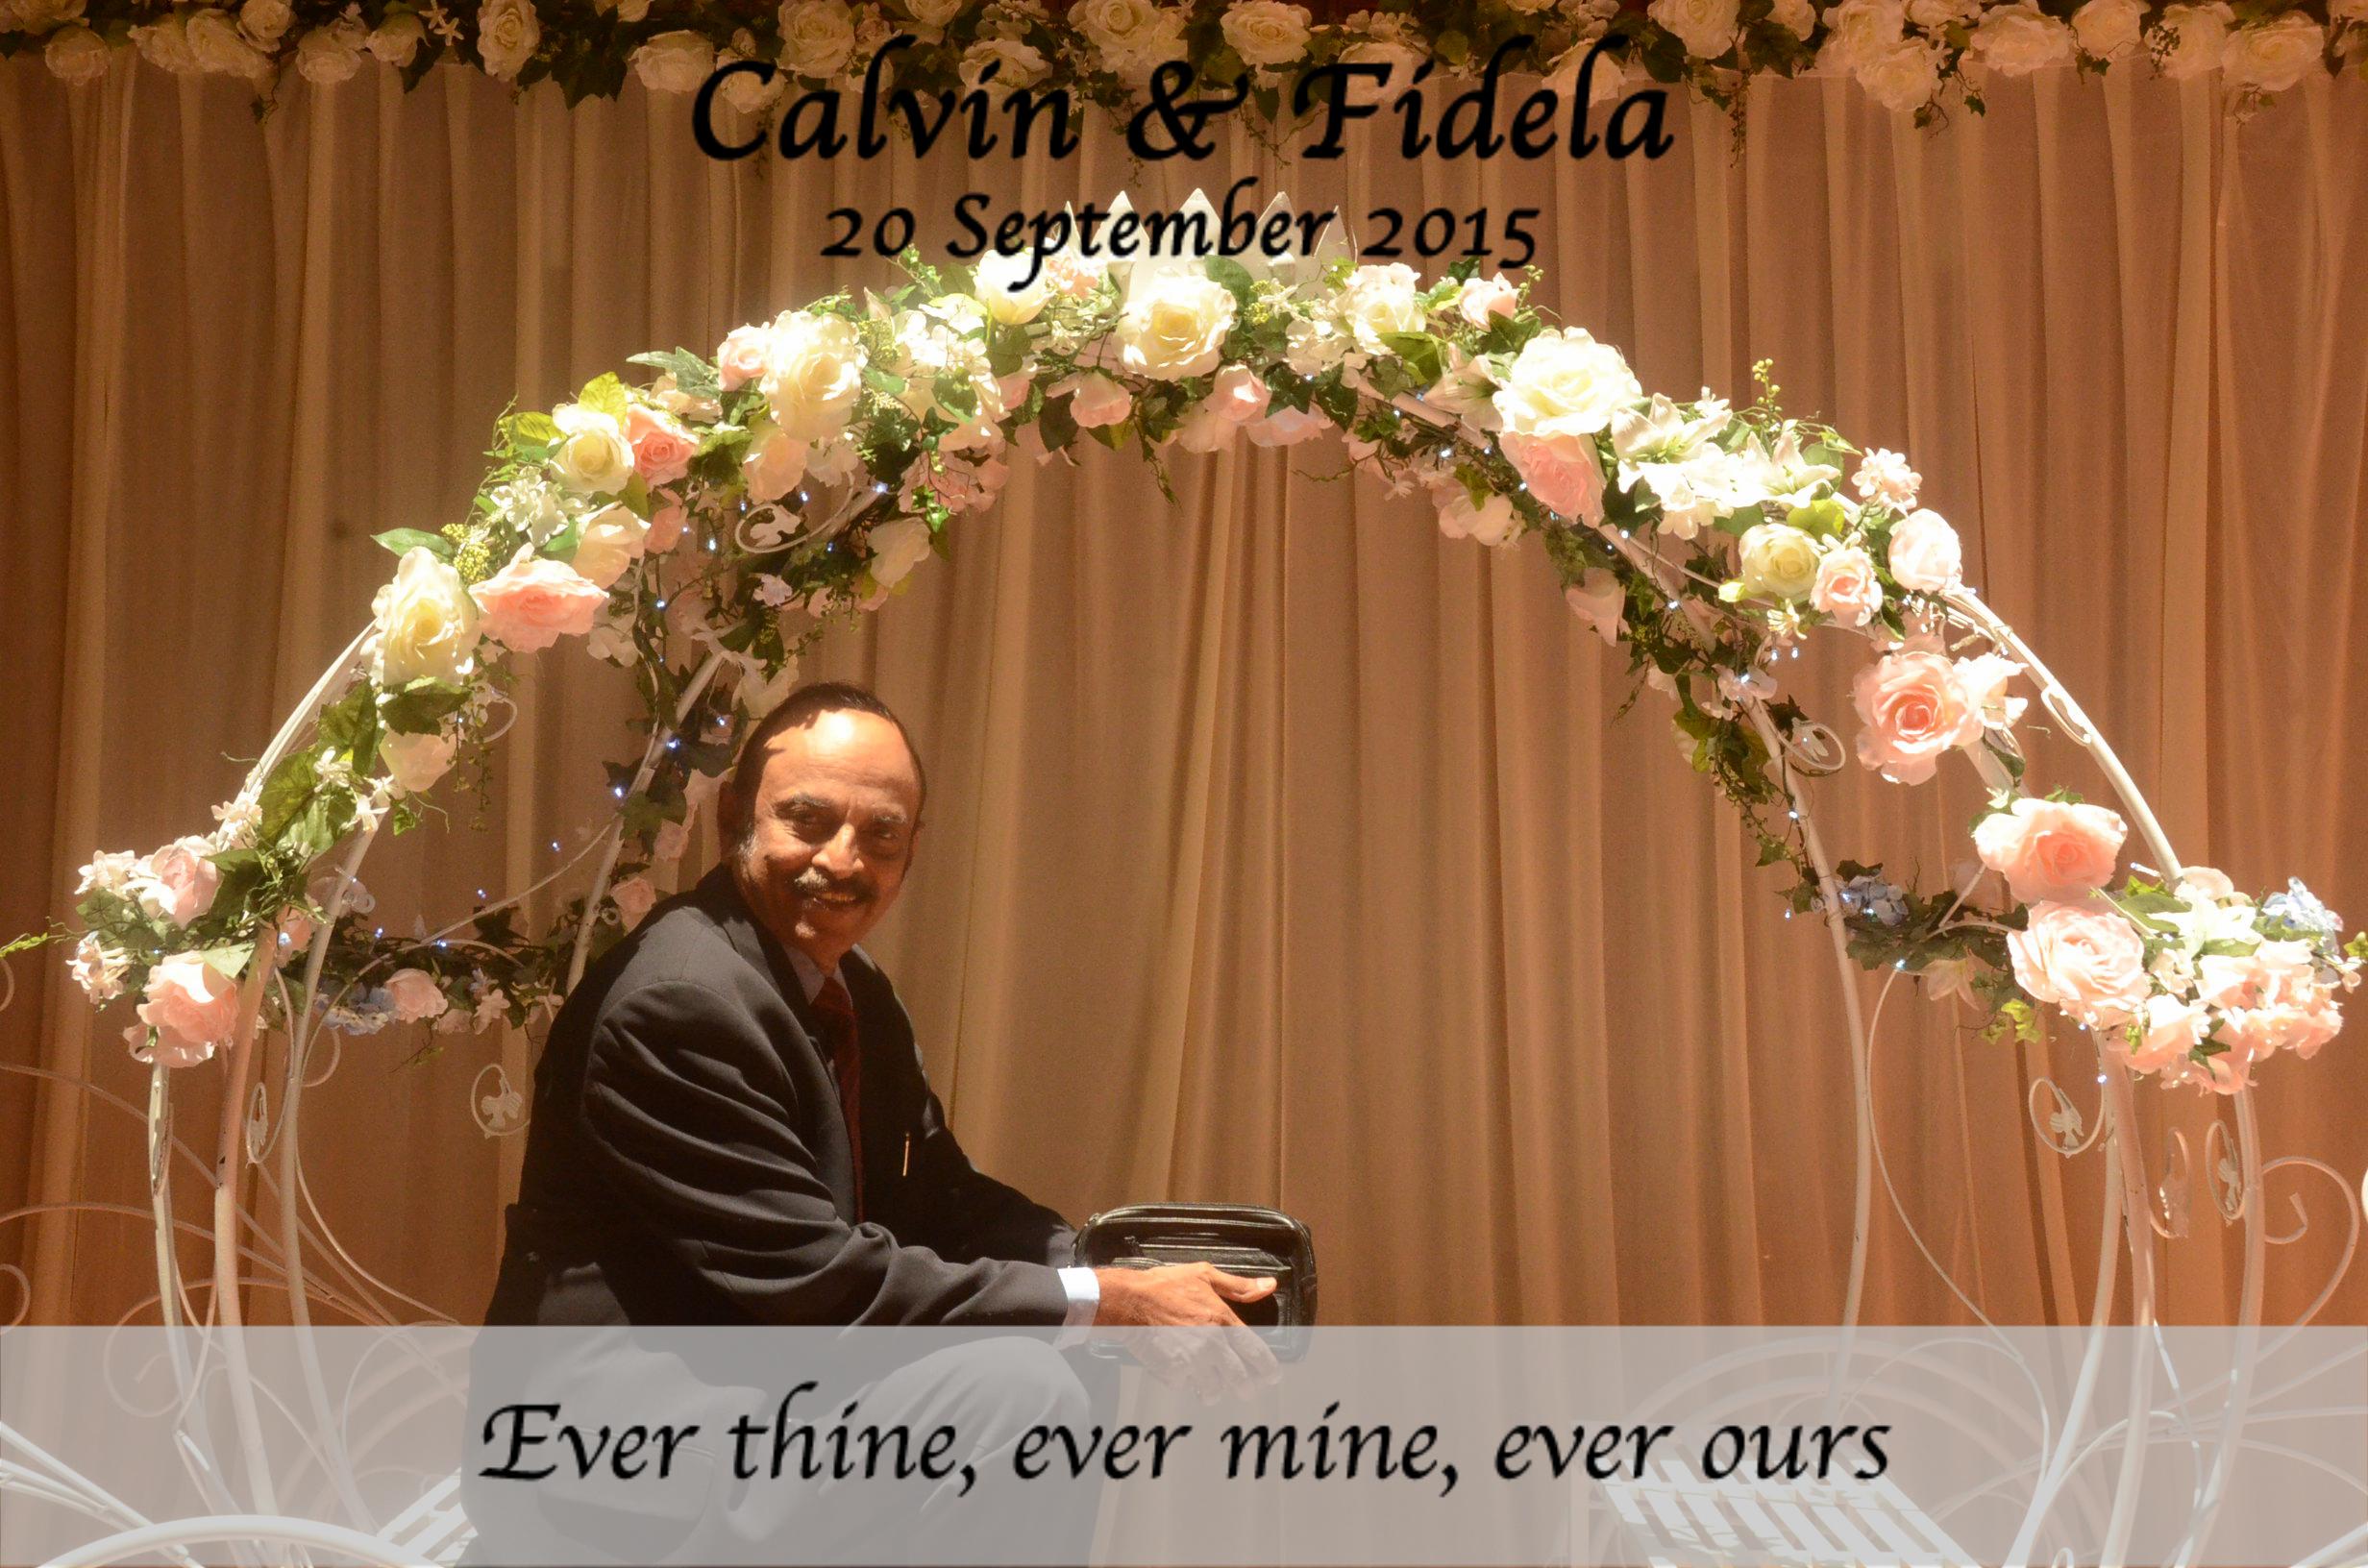 Calvin & Fidela-7.jpg